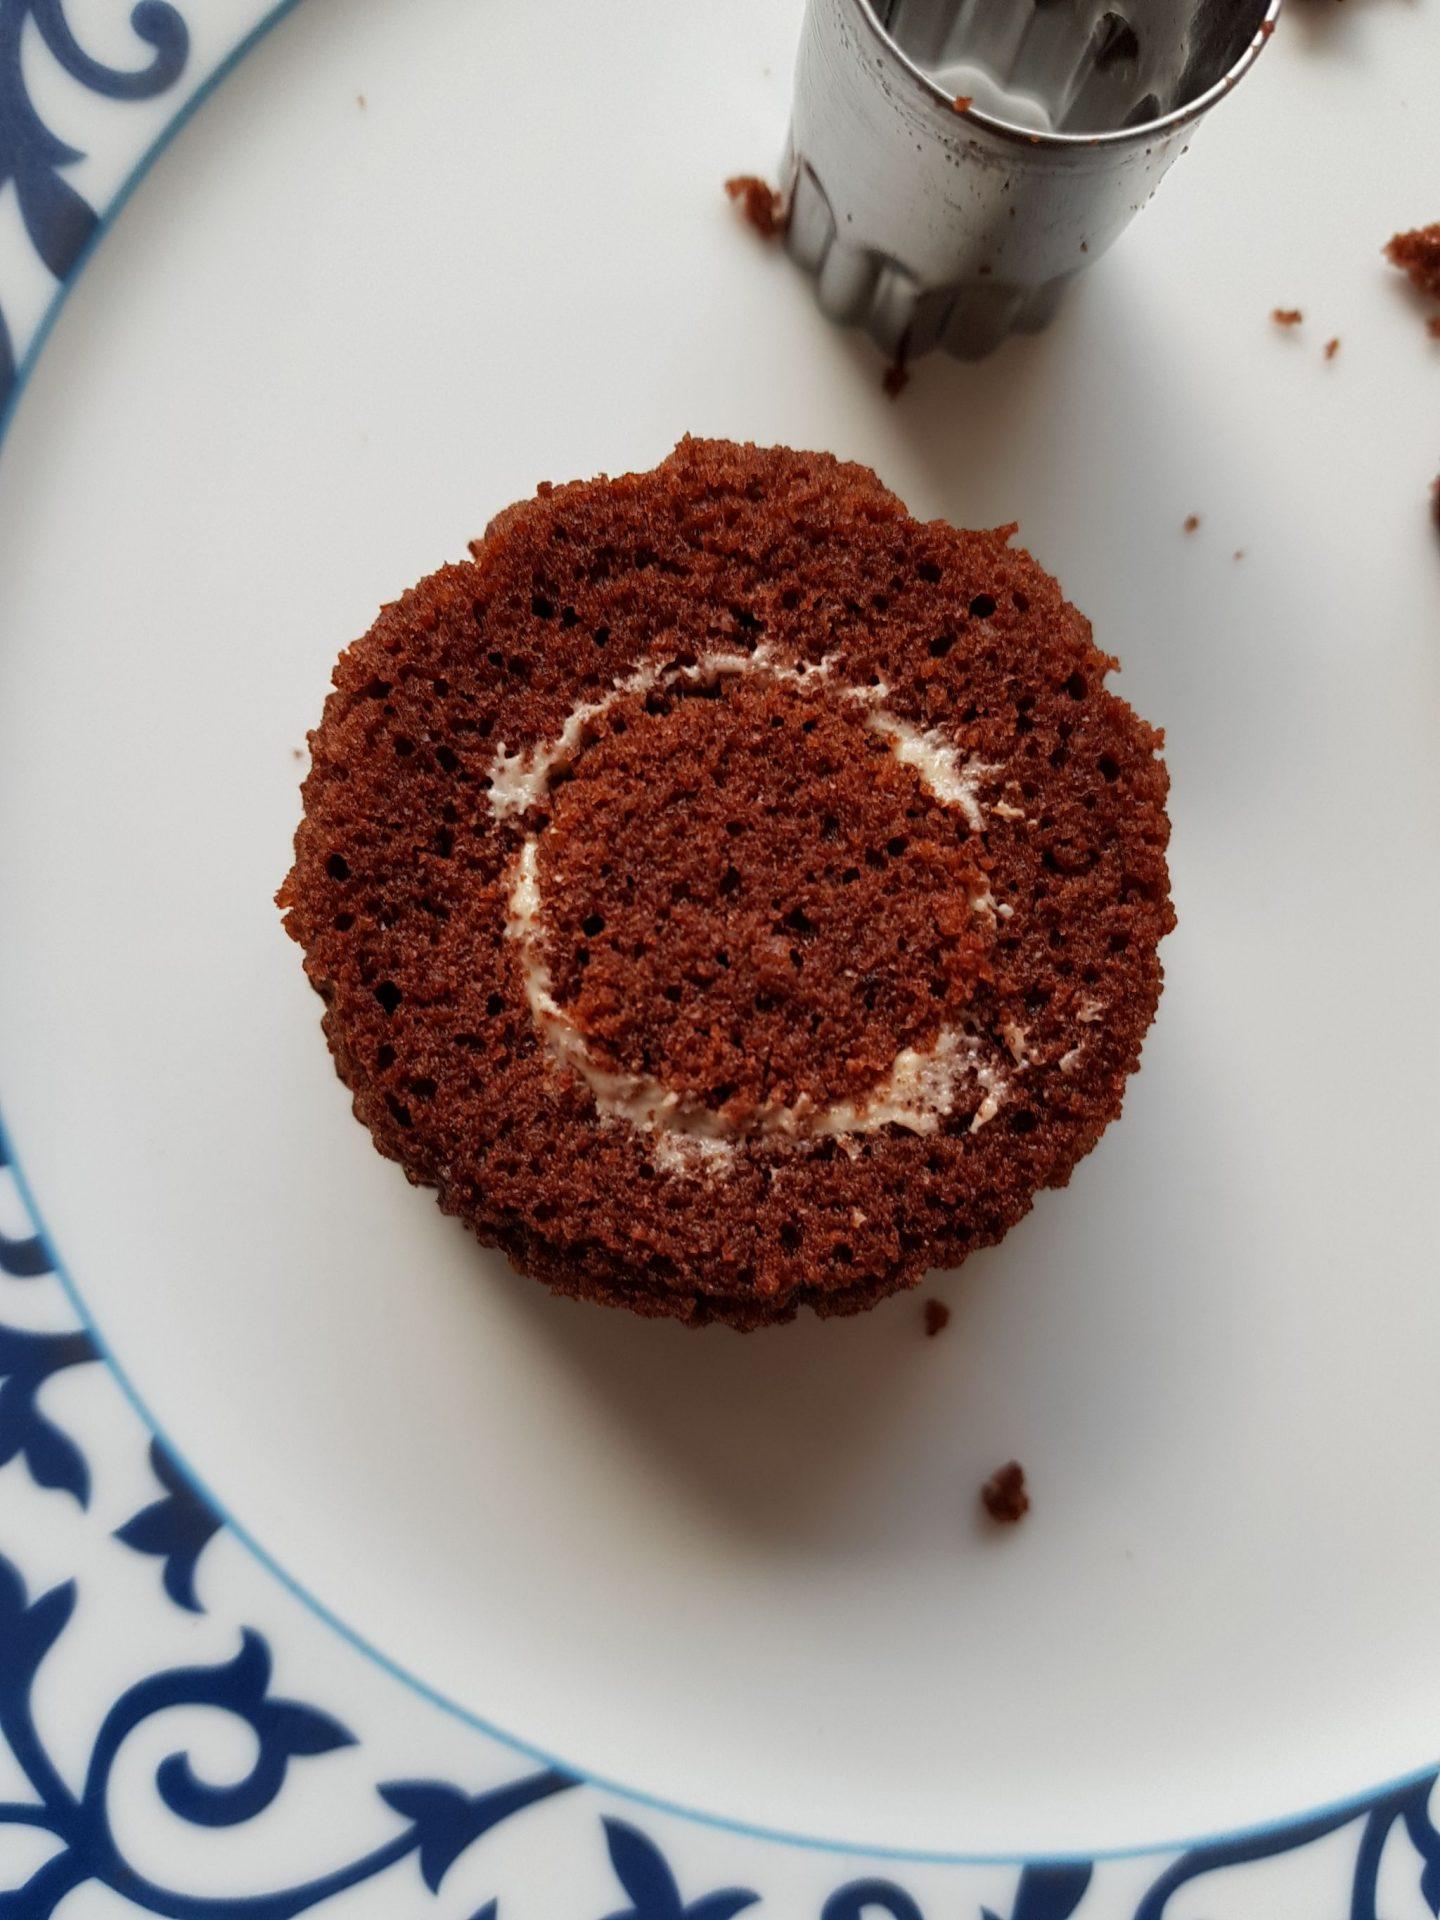 Muffin gefüllt mit Rum-Karamell und wieder verschlossenMuffin gefüllt mit Rum-Karamell und wieder verschlossen